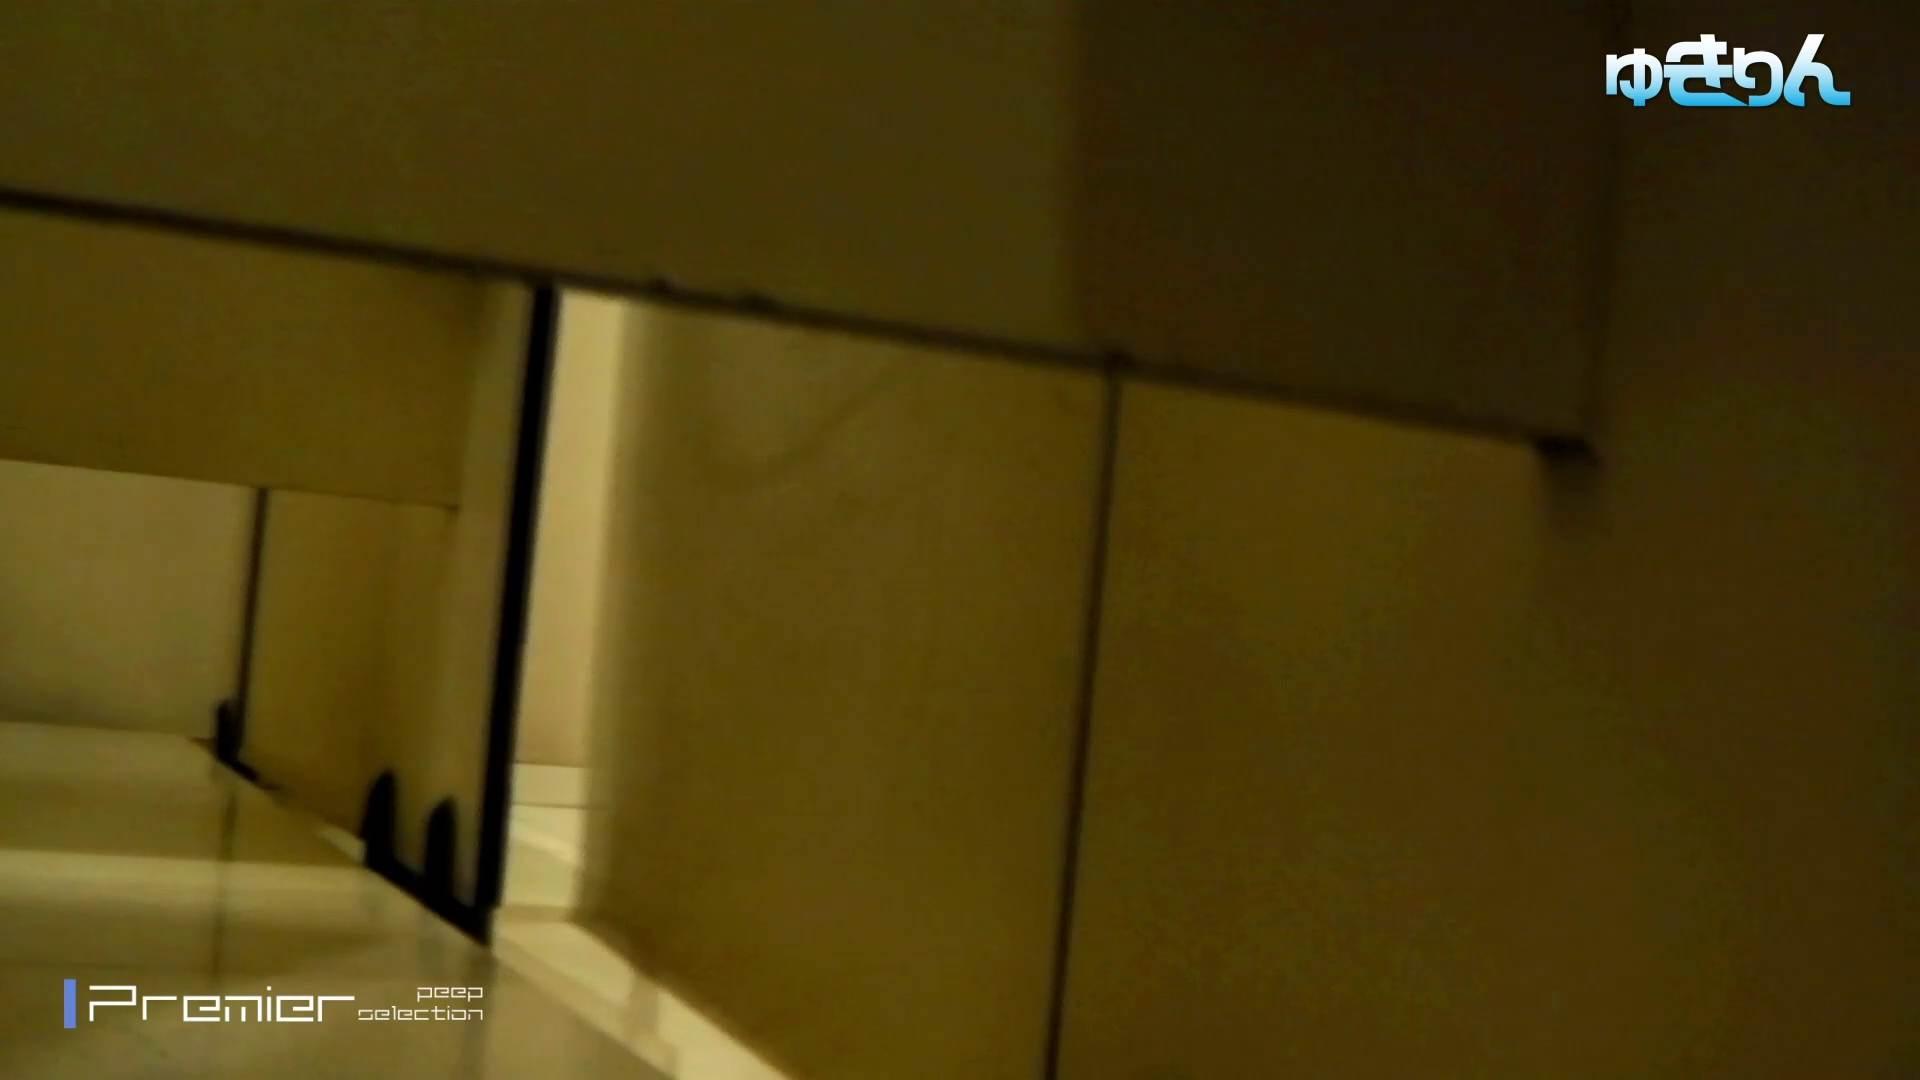 新世界の射窓 No93 お姉さん達のオマンコ 盗撮動画紹介 89連発 7